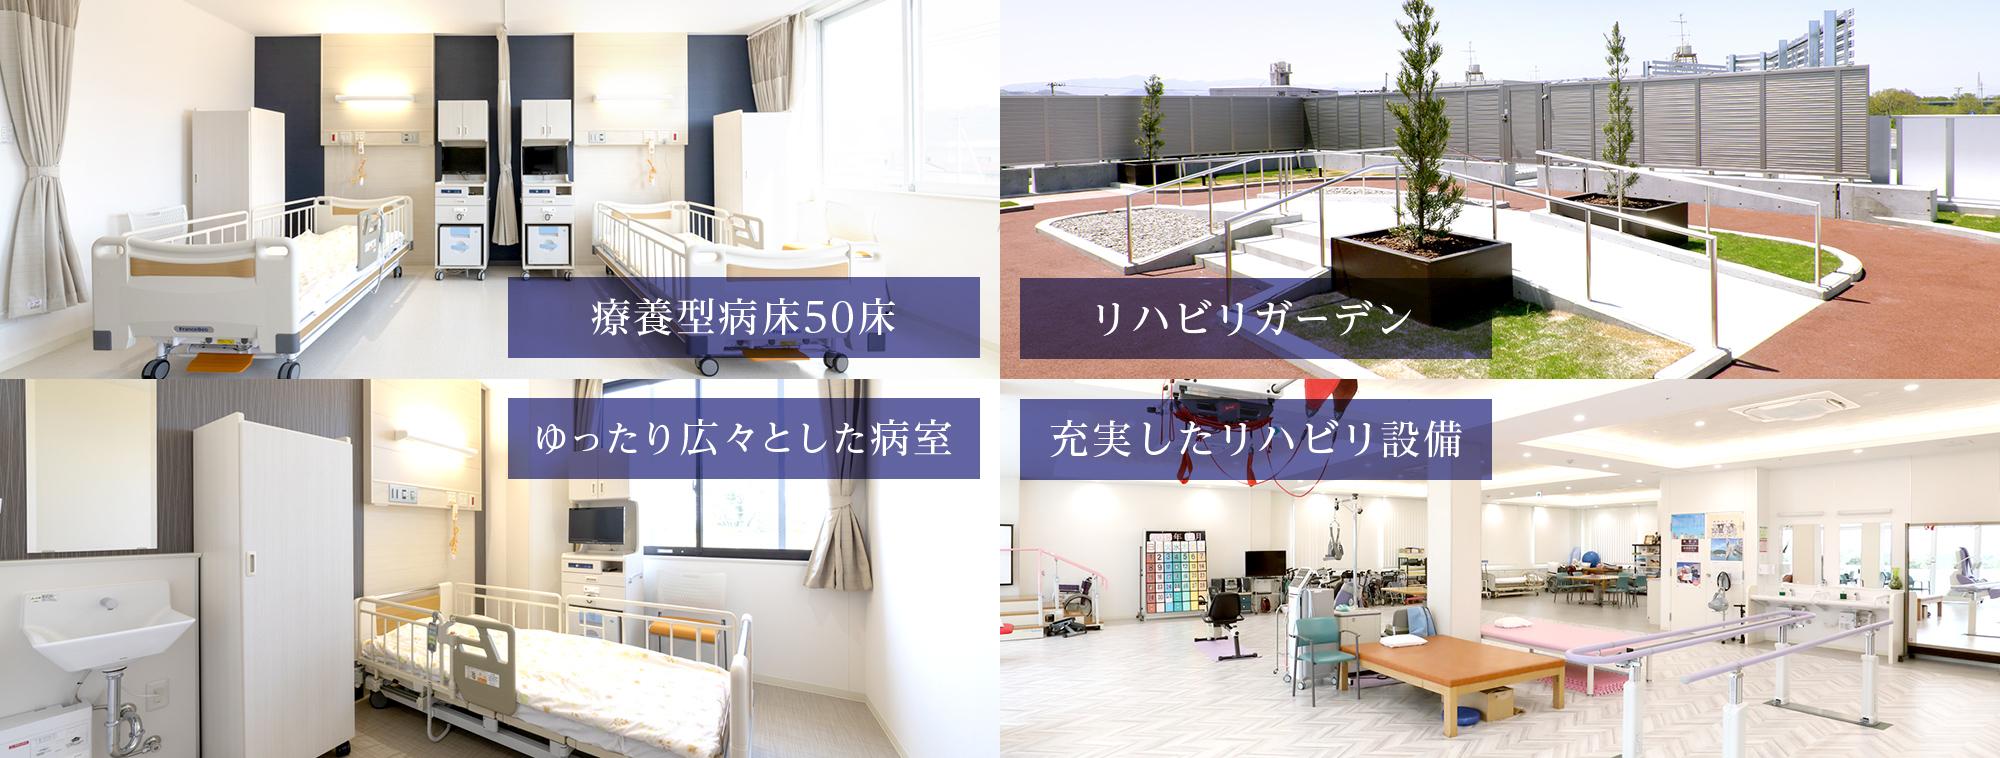 療養型病床50床 リハビリガーデン ゆったり広々とした病室 充実したリハビリ設備